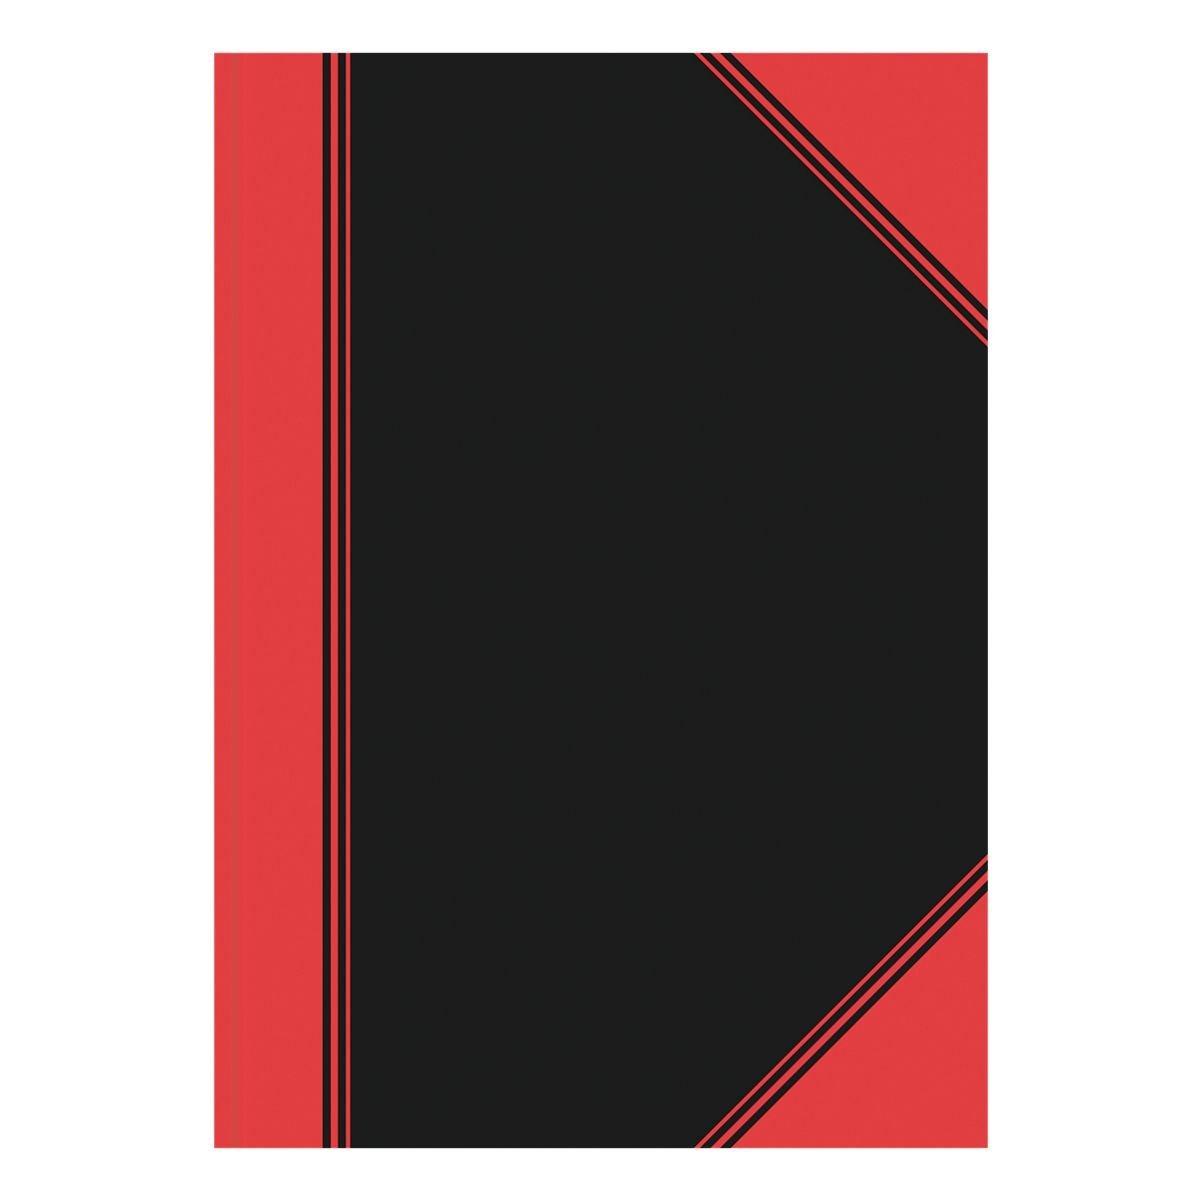 Notizbuch 100302822 A7 kariert »Chinakladde«